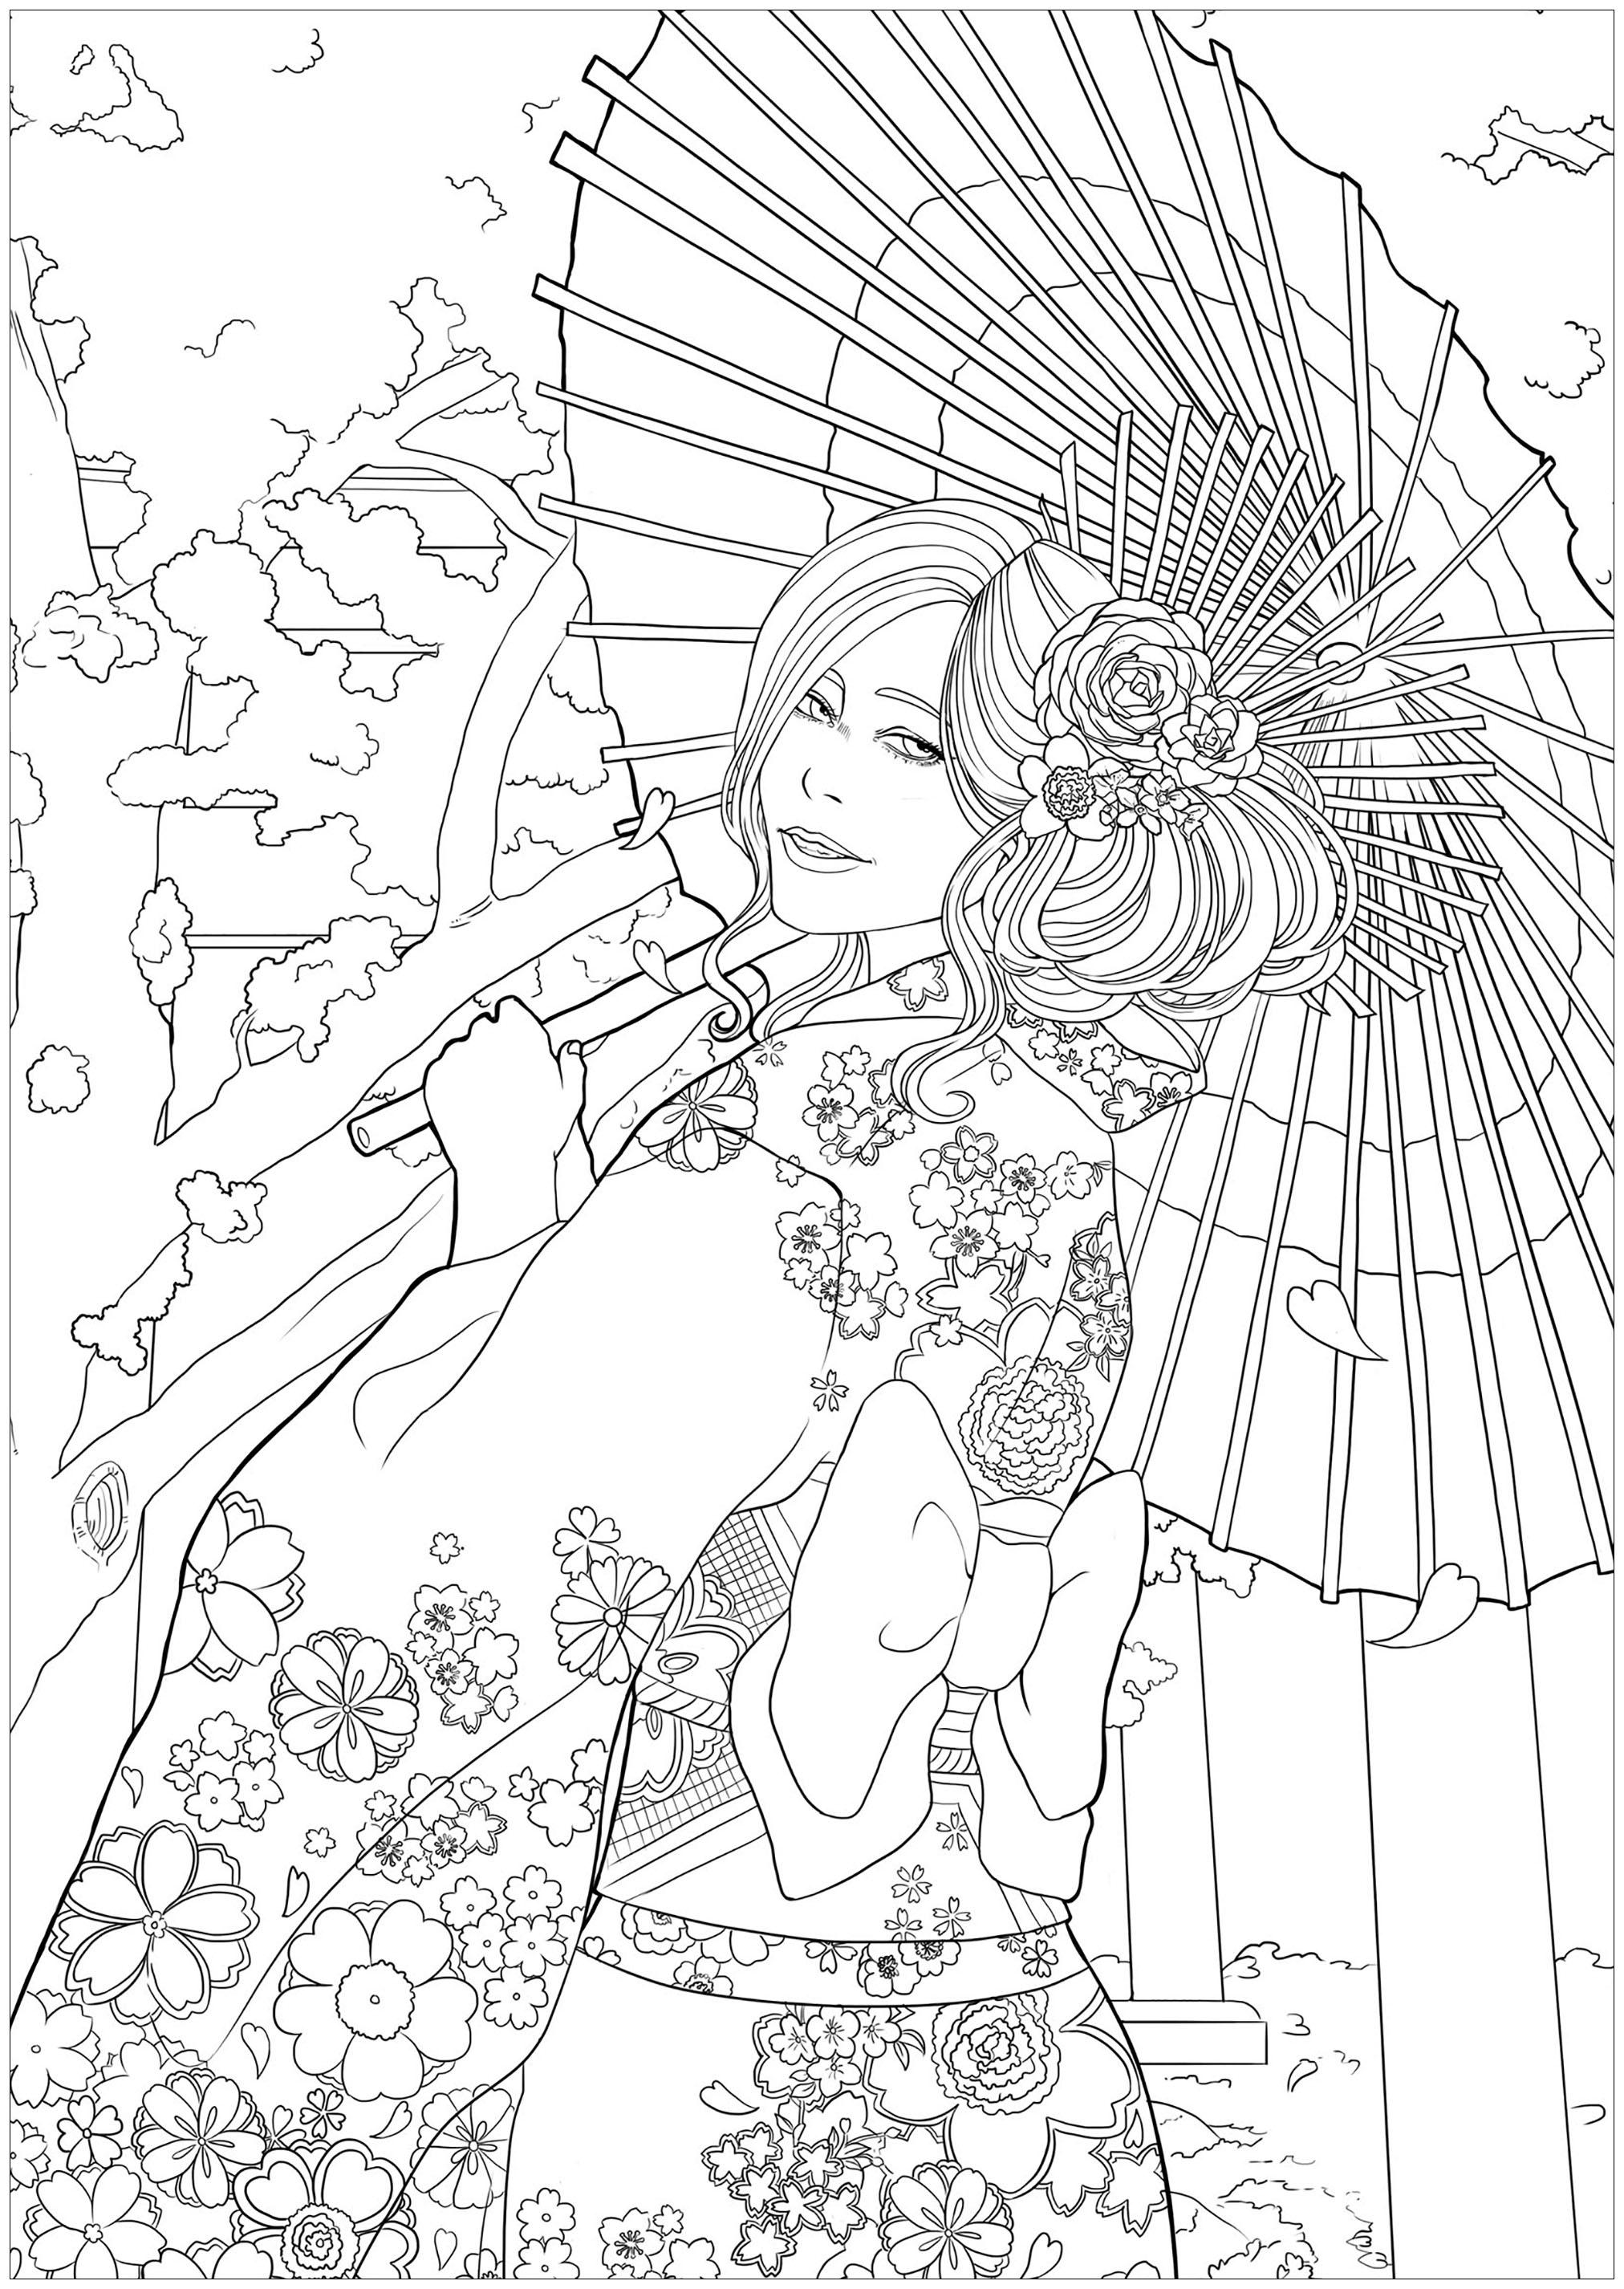 Disegni da Colorare per Adulti : Giappone - 2